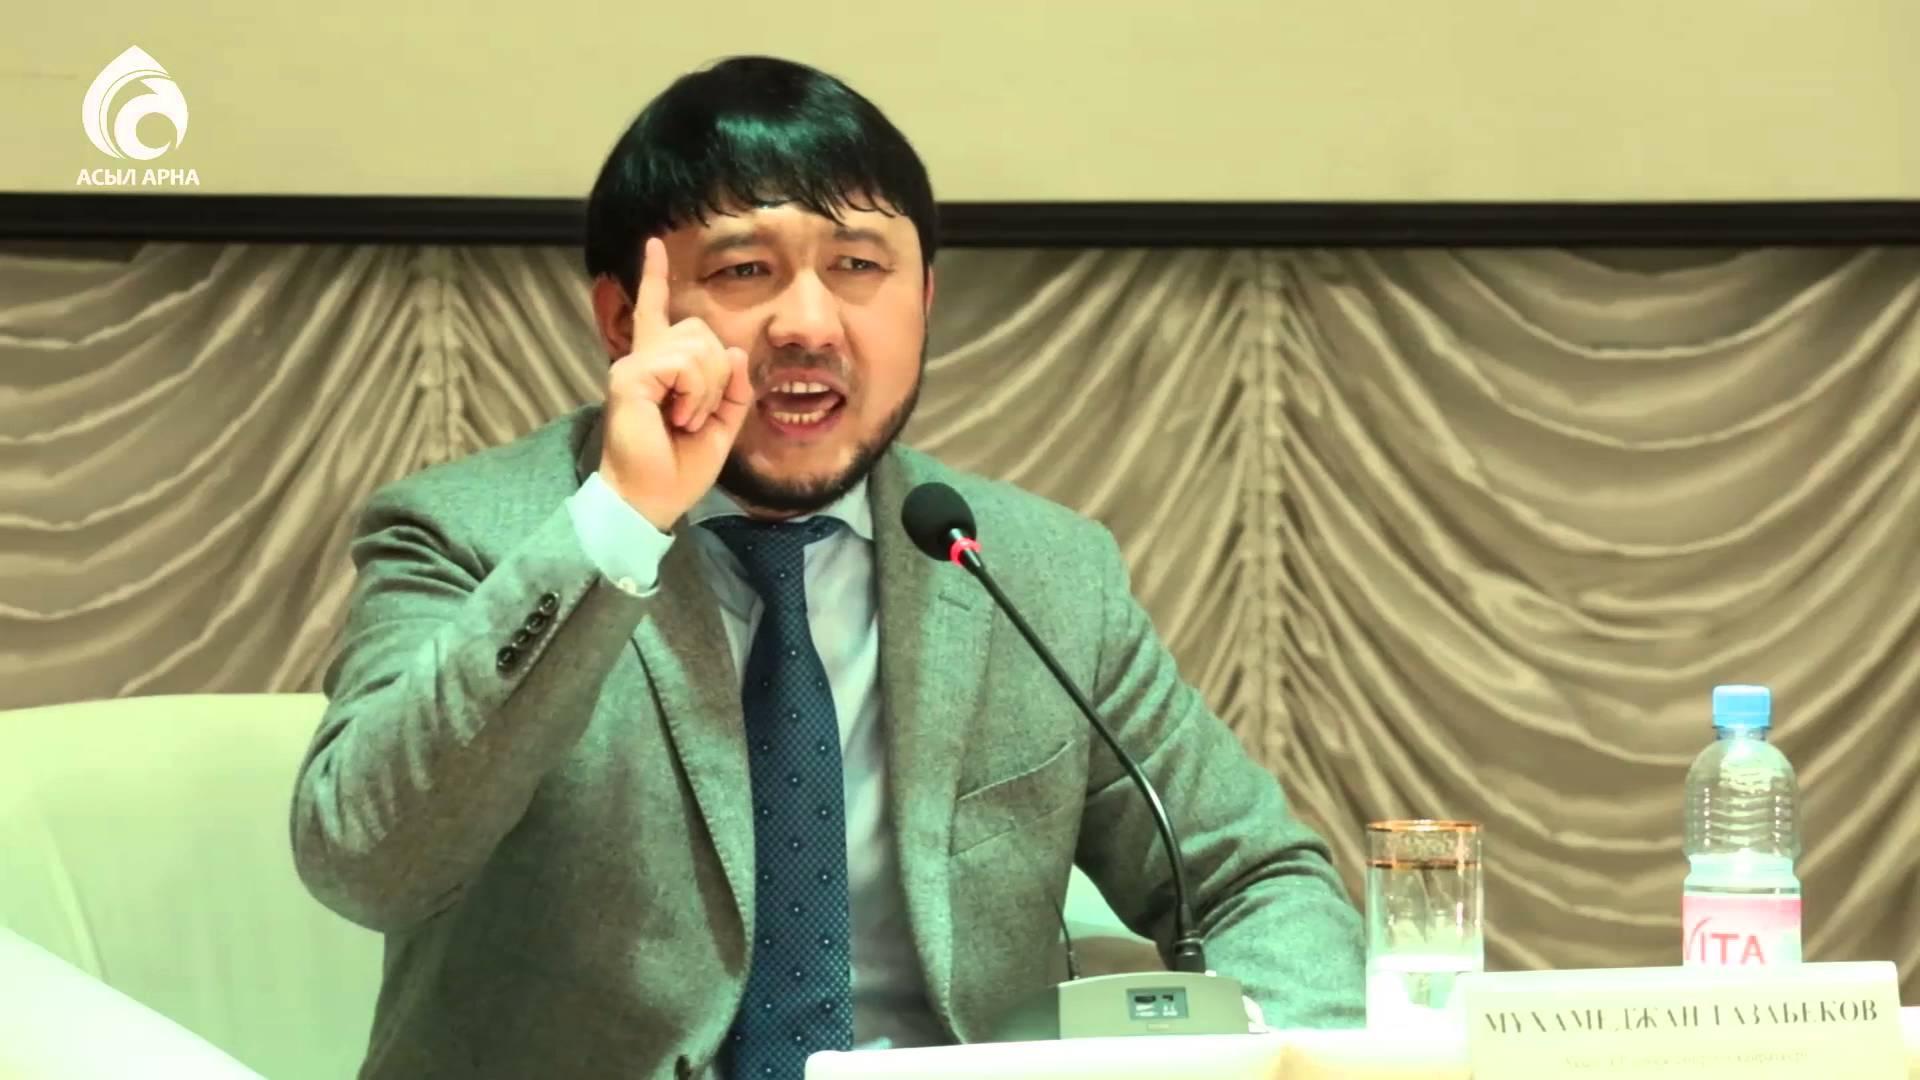 М.Тазабек лекции в школах не проводит и не будет - глава МОН